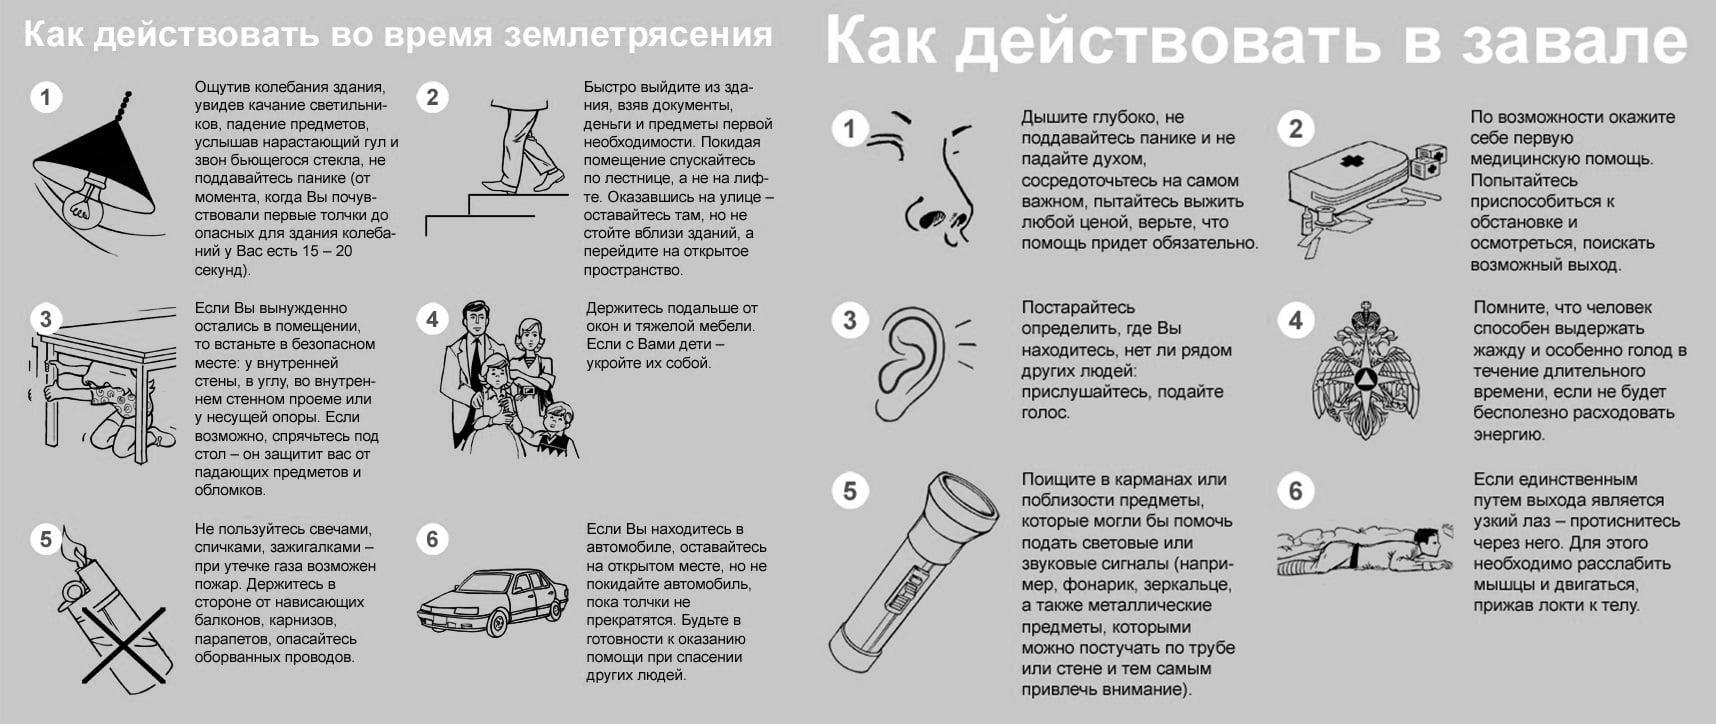 Правила основные при землетрясении